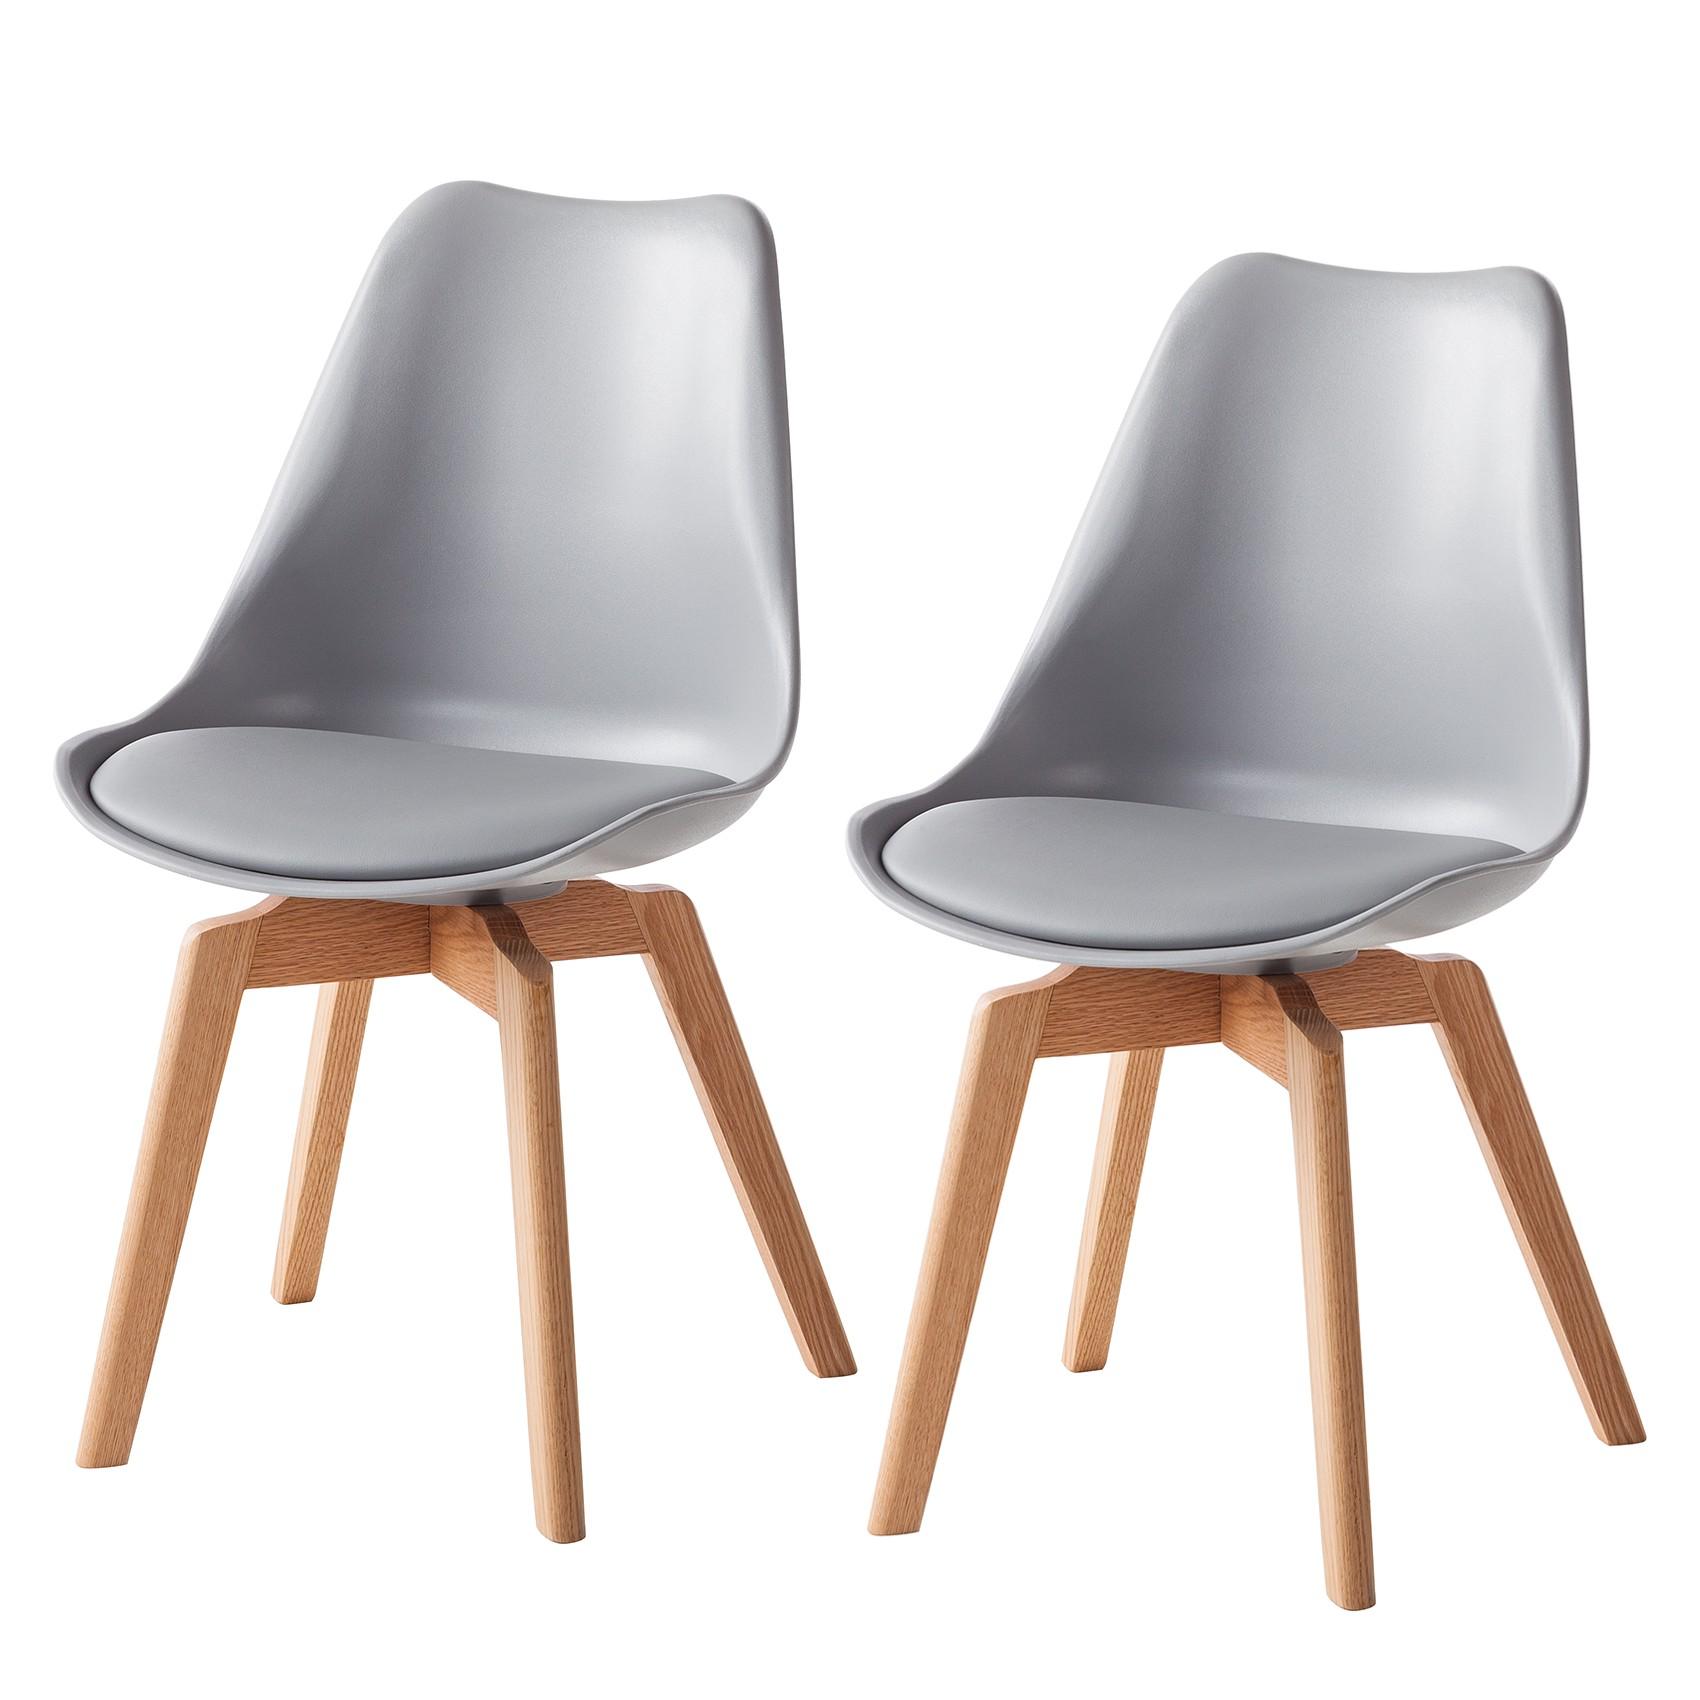 Bemerkenswert Esszimmerstühle Grau Stoff Ideen Von Esszimmerstuhl Woodwynn (2er-set)